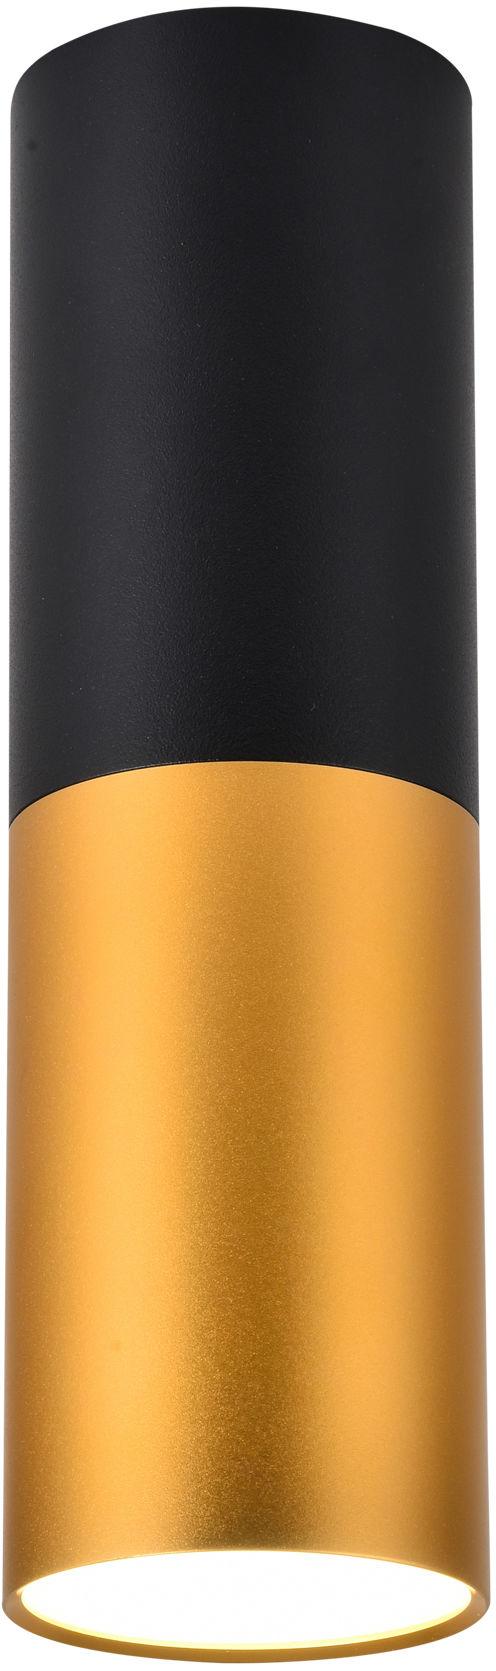 Candellux TUBA 2281728 oprawa stropowa natynkowa czarno złota 1X15W GU10 12 cm